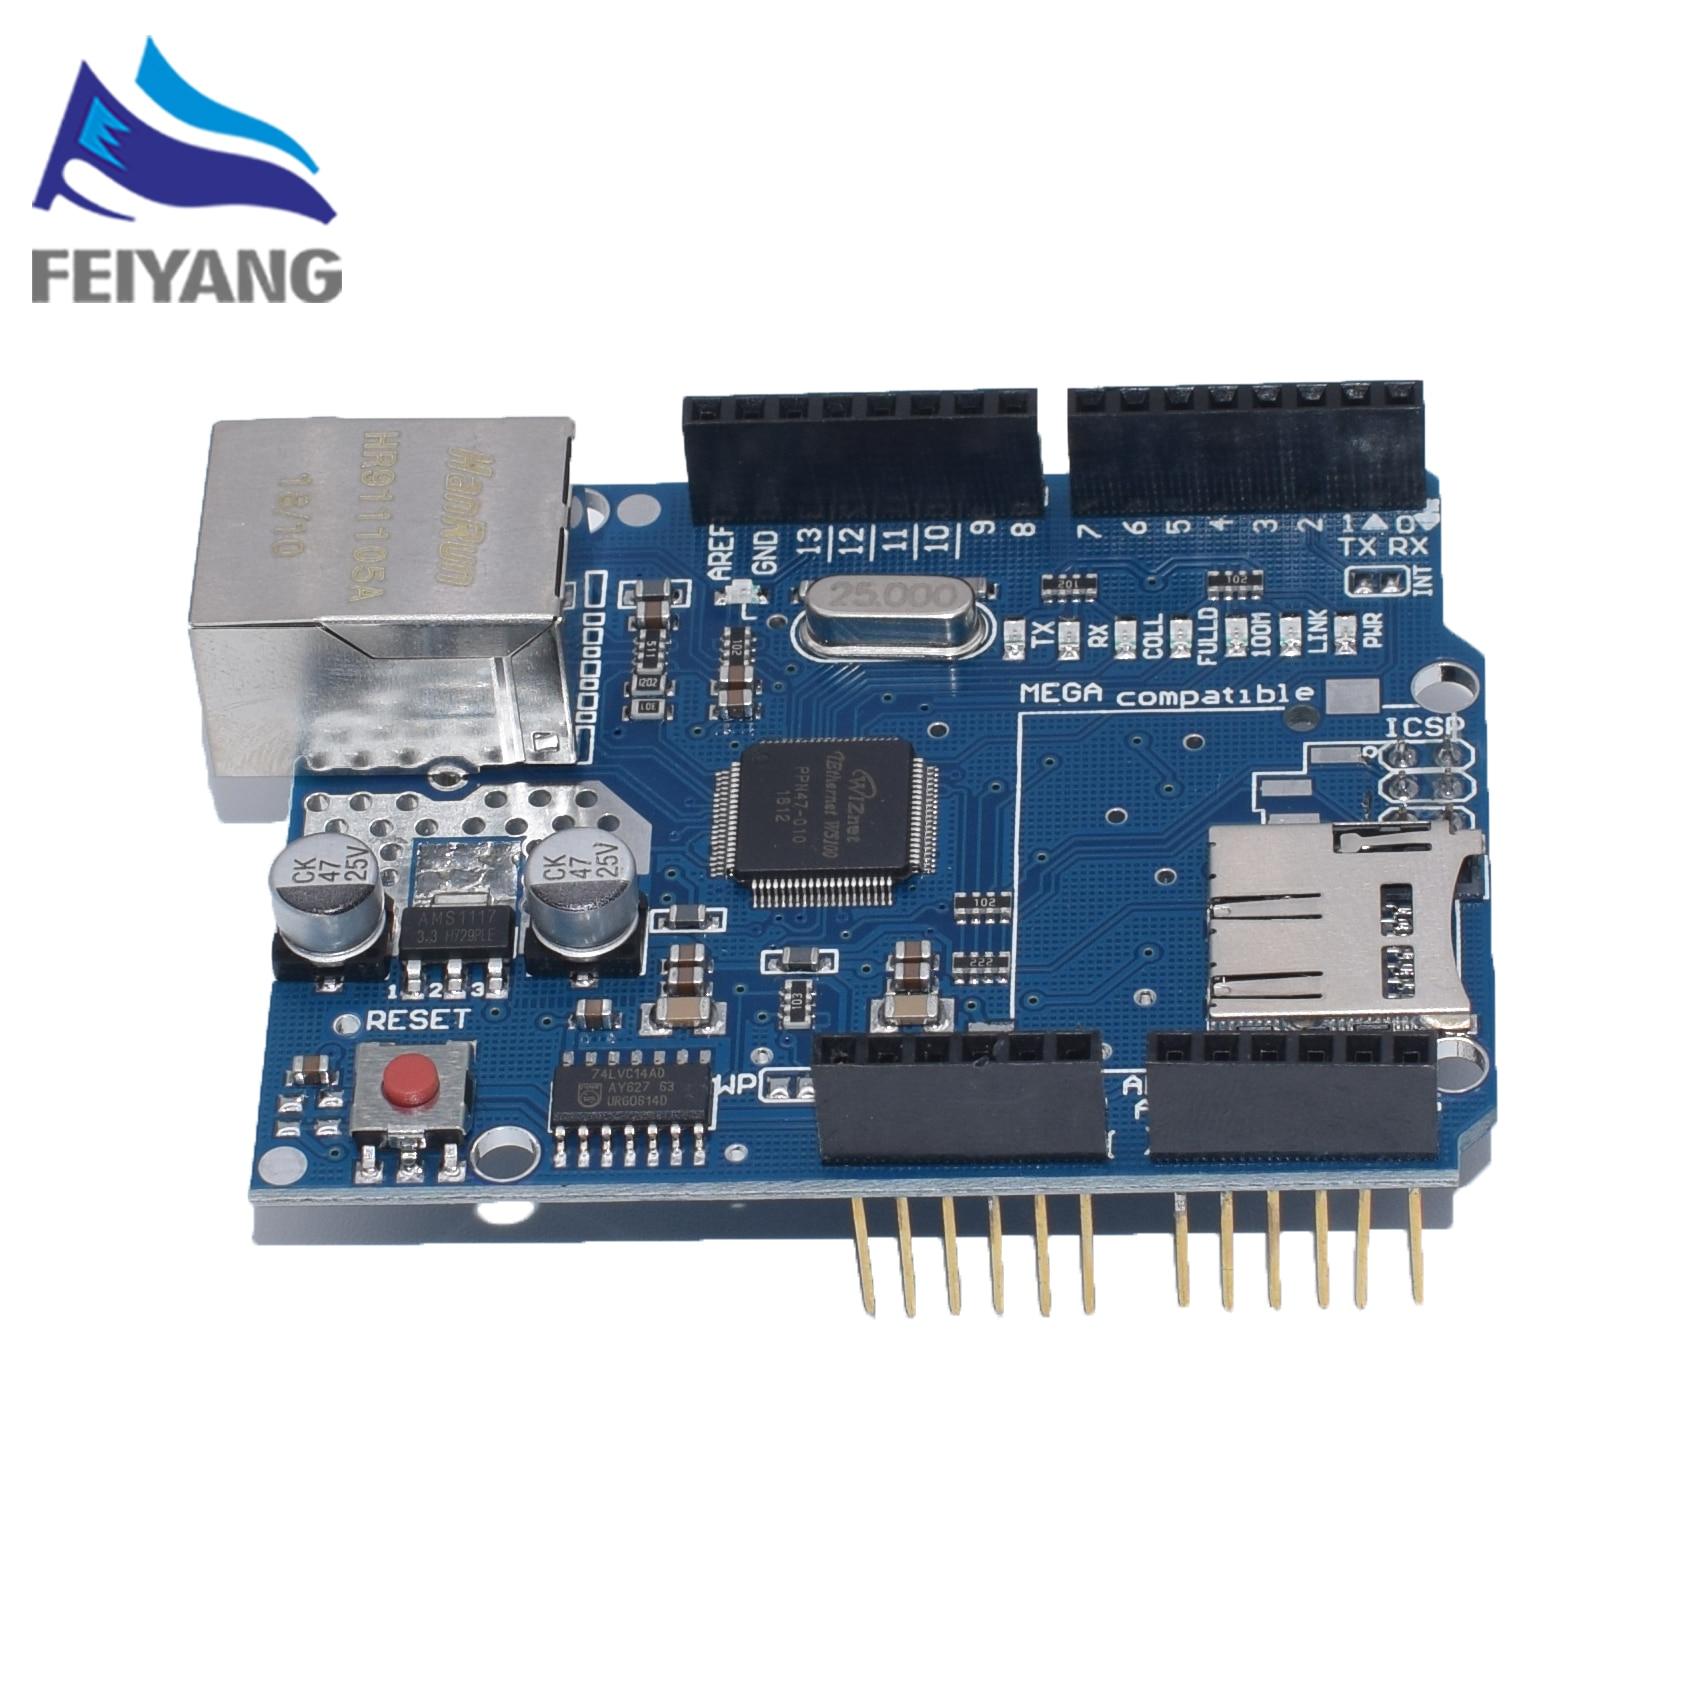 10pcs/lot UNO Shield Ethernet Shield W5100 R3 UNO Mega 2560 1280 328 UNR R3 < only W5100 Development board10pcs/lot UNO Shield Ethernet Shield W5100 R3 UNO Mega 2560 1280 328 UNR R3 < only W5100 Development board